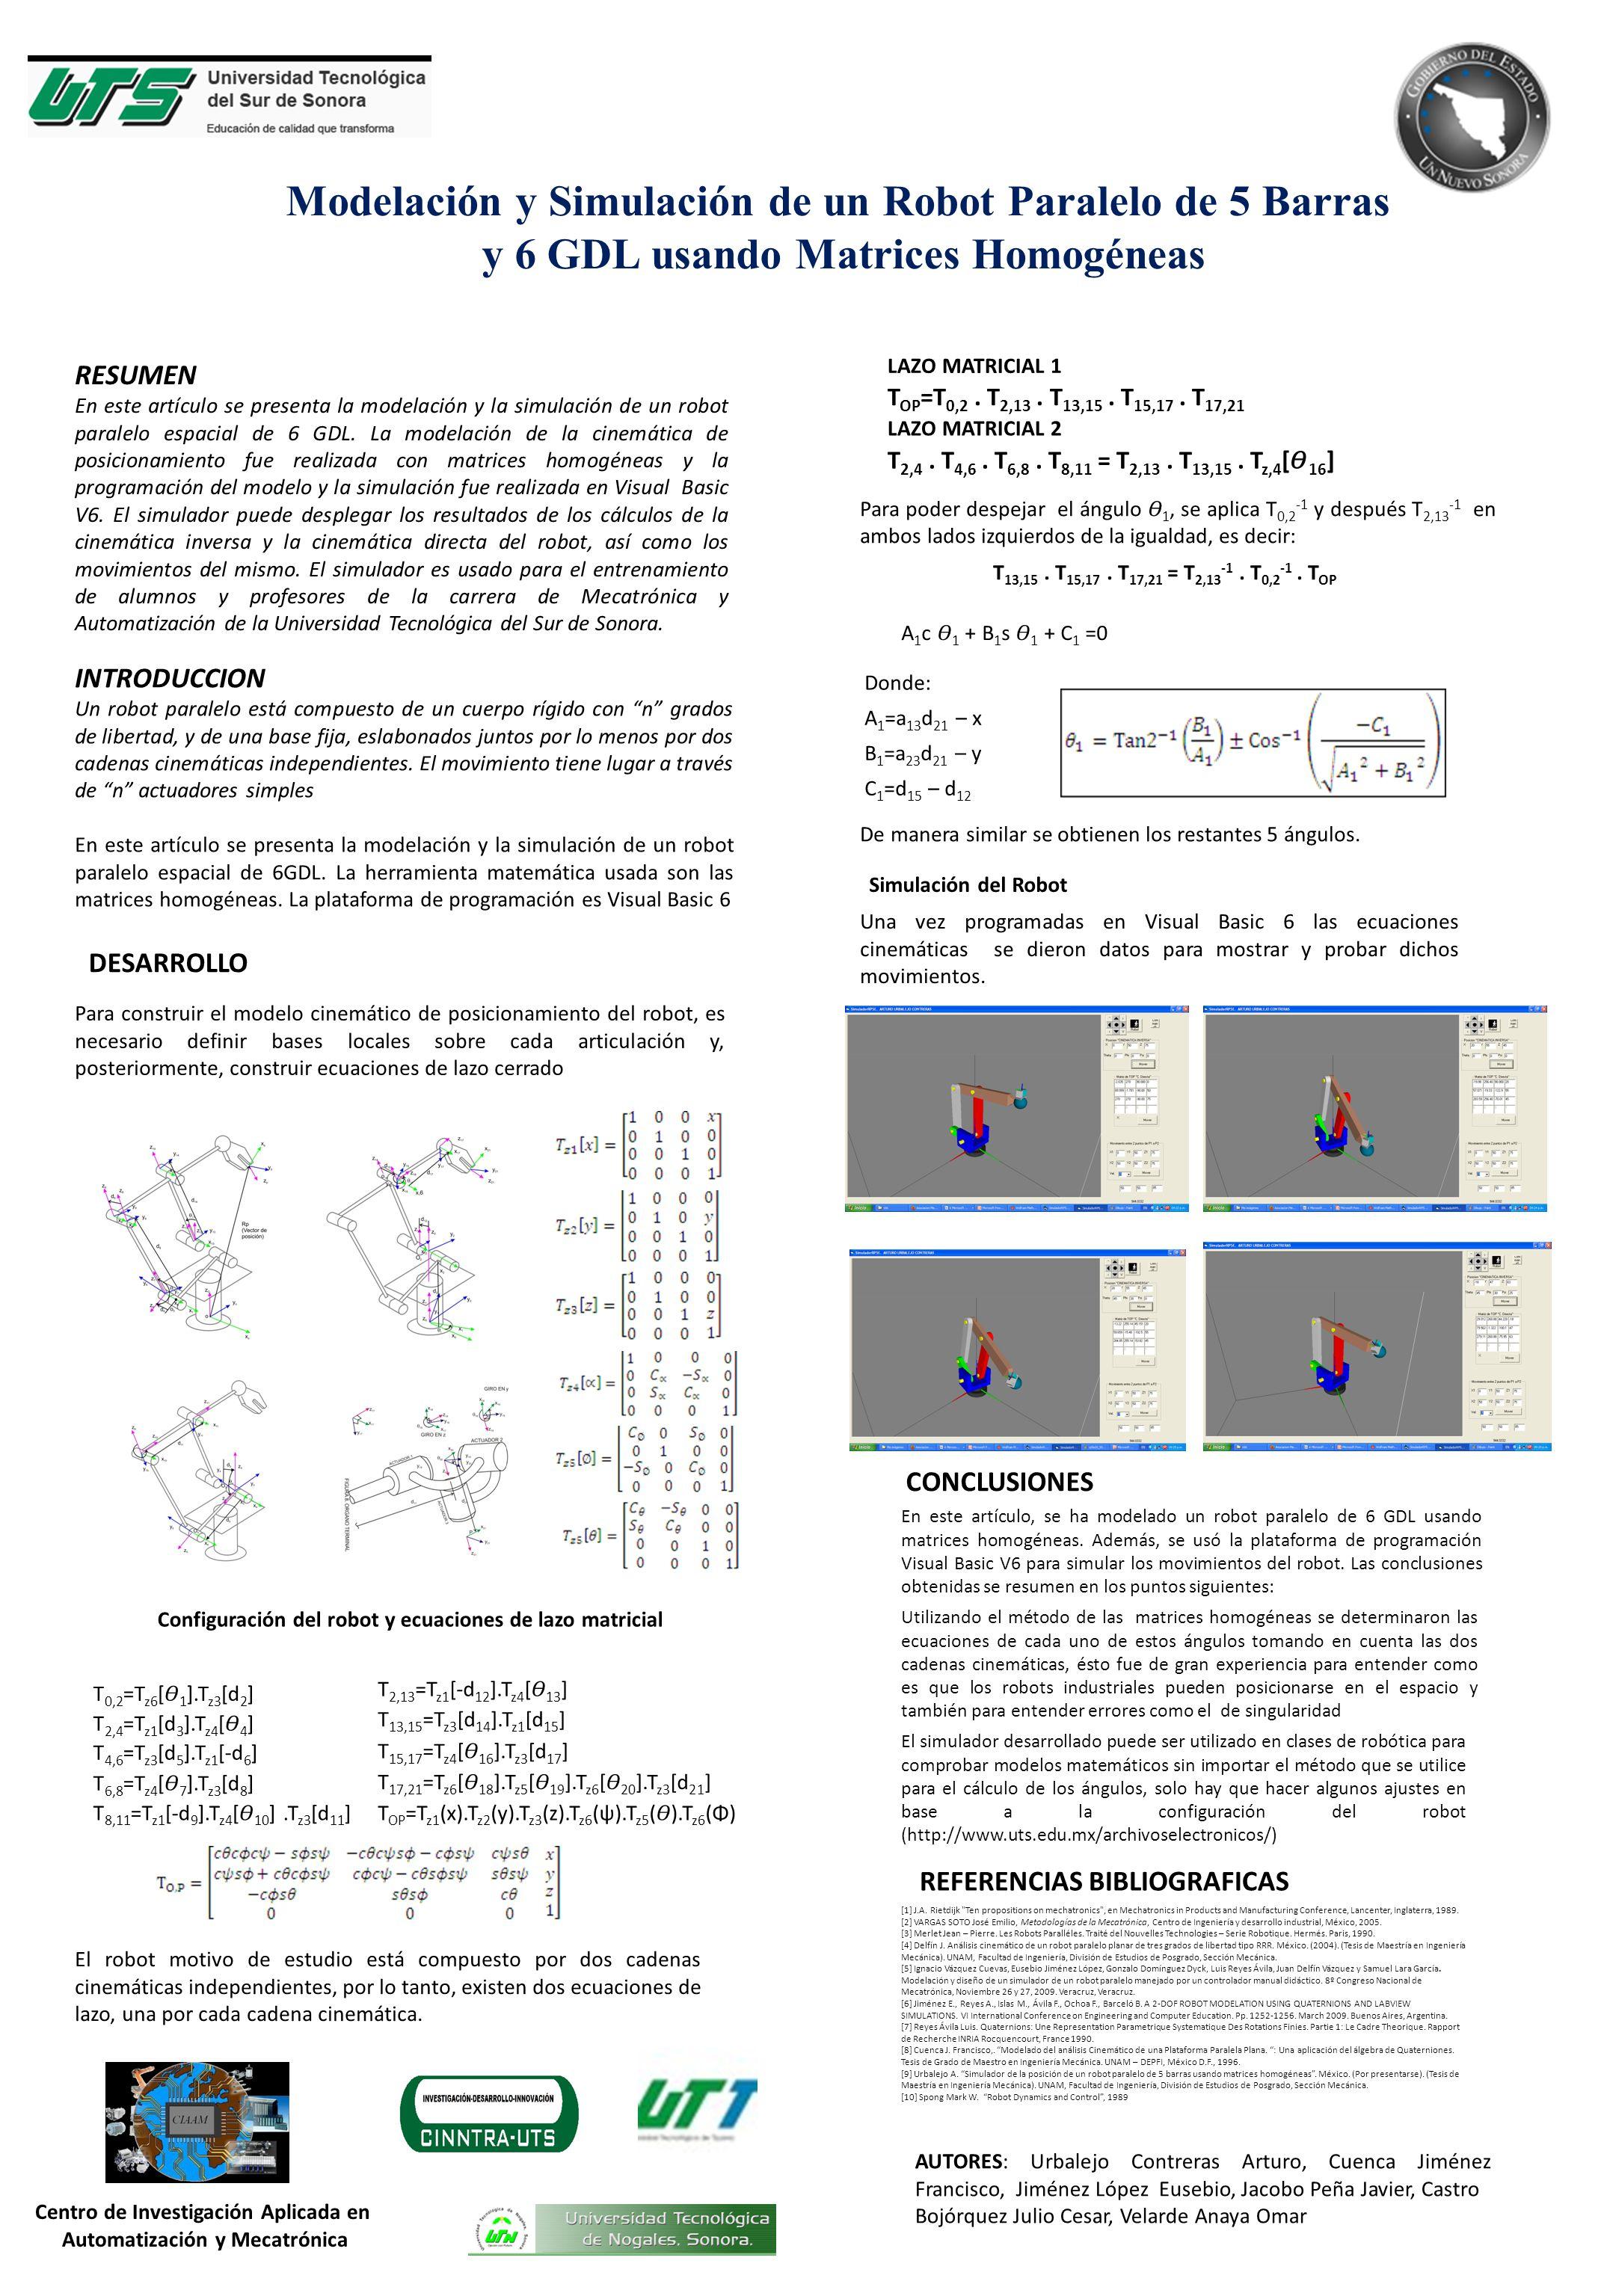 Modelación y Simulación de un Robot Paralelo de 5 Barras